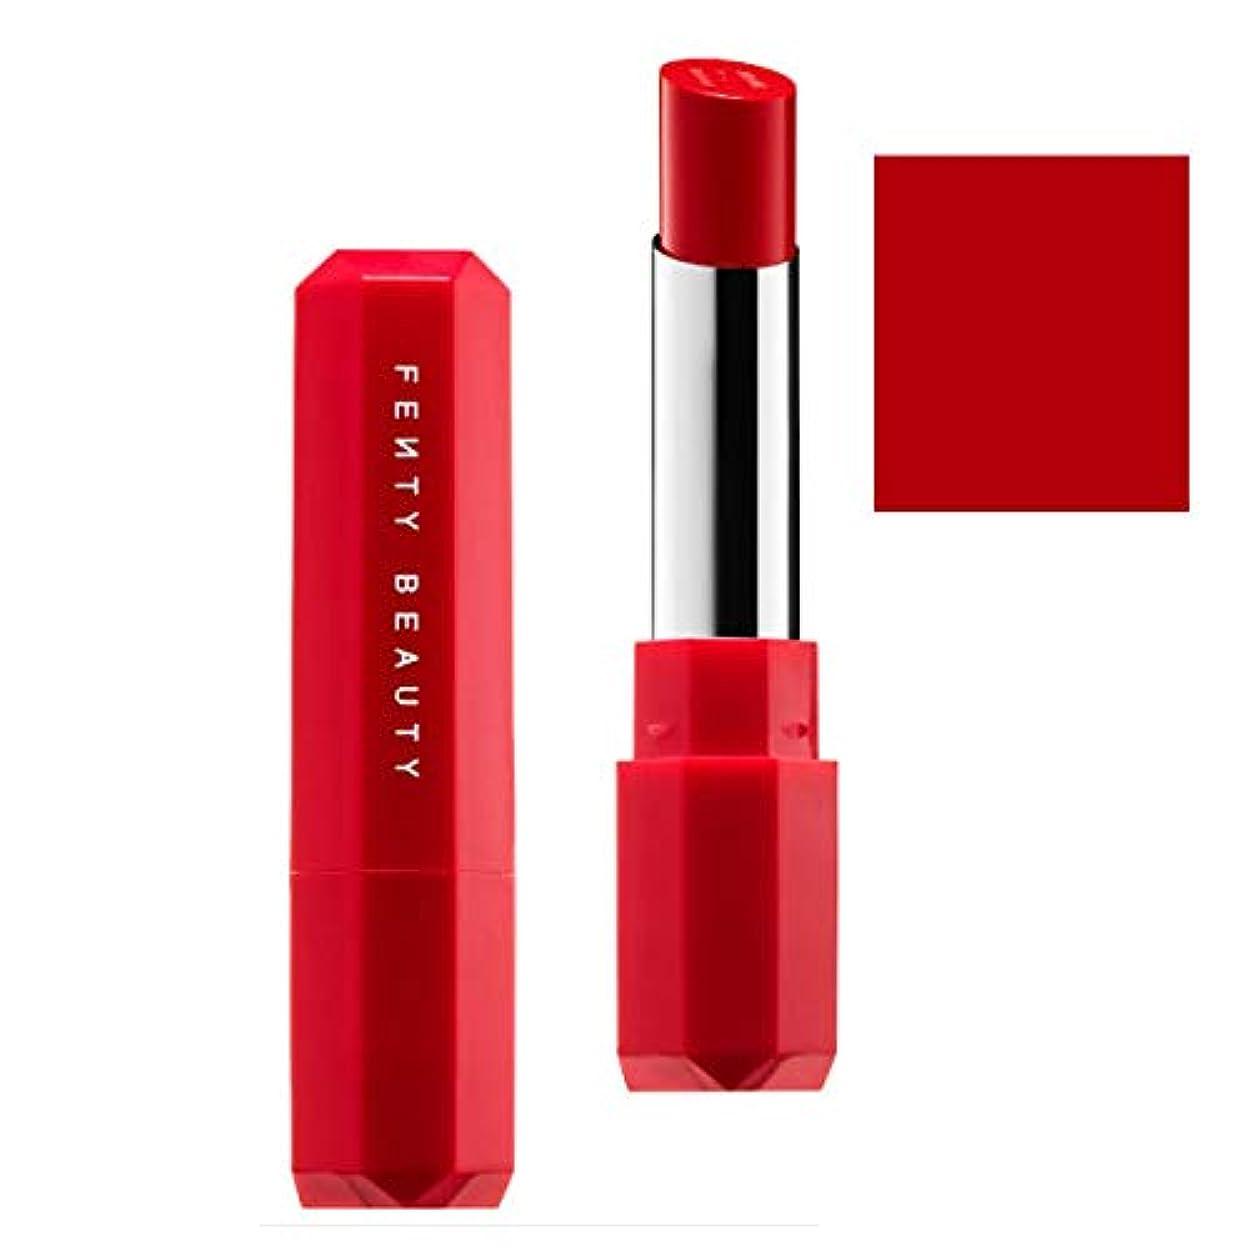 二層気分が悪い口FENTY BEAUTY BY RIHANNA,New!!, 限定版 limited-edition, Poutsicle Juicy Satin Lipstick - Hot Blooded [海外直送品] [並行輸入品]